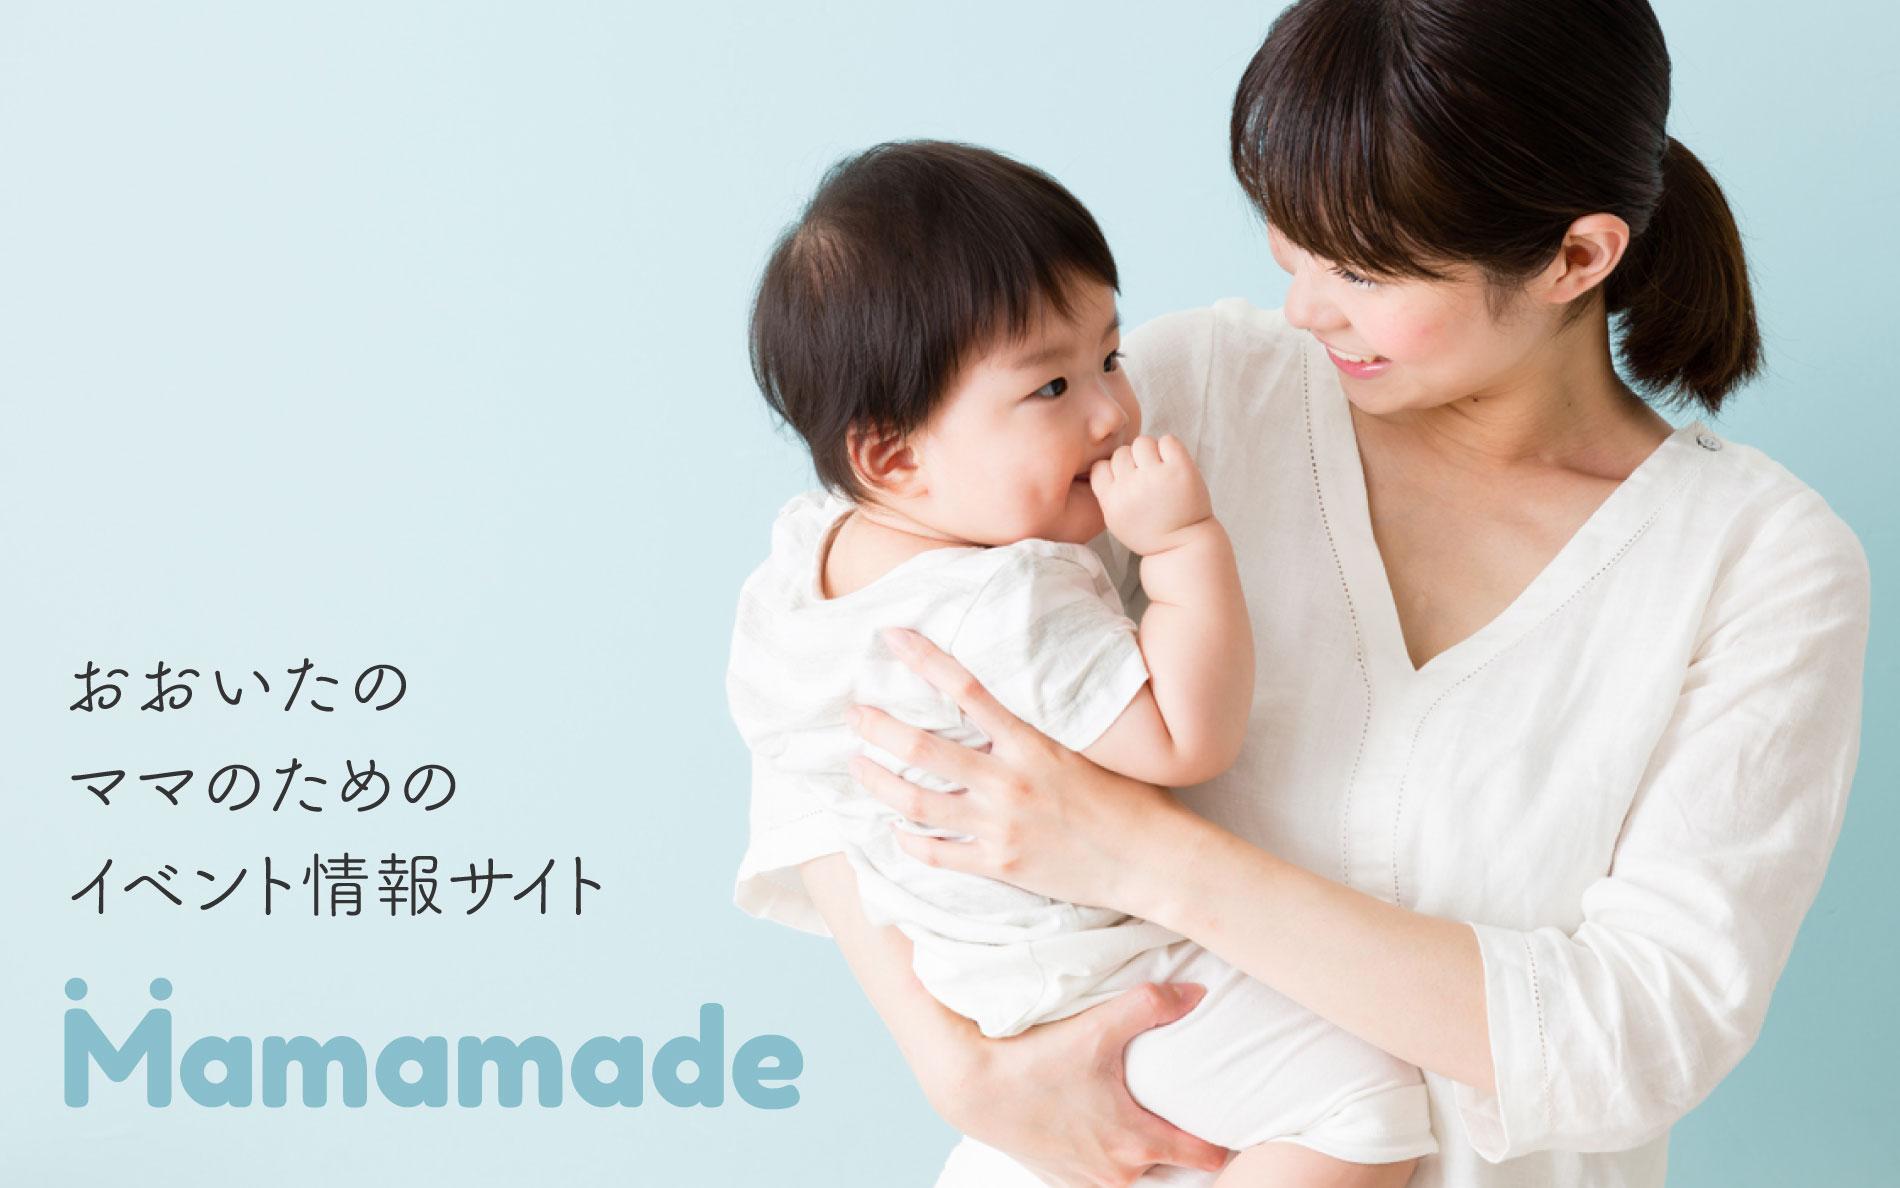 大分のママのためのイベント情報サイト